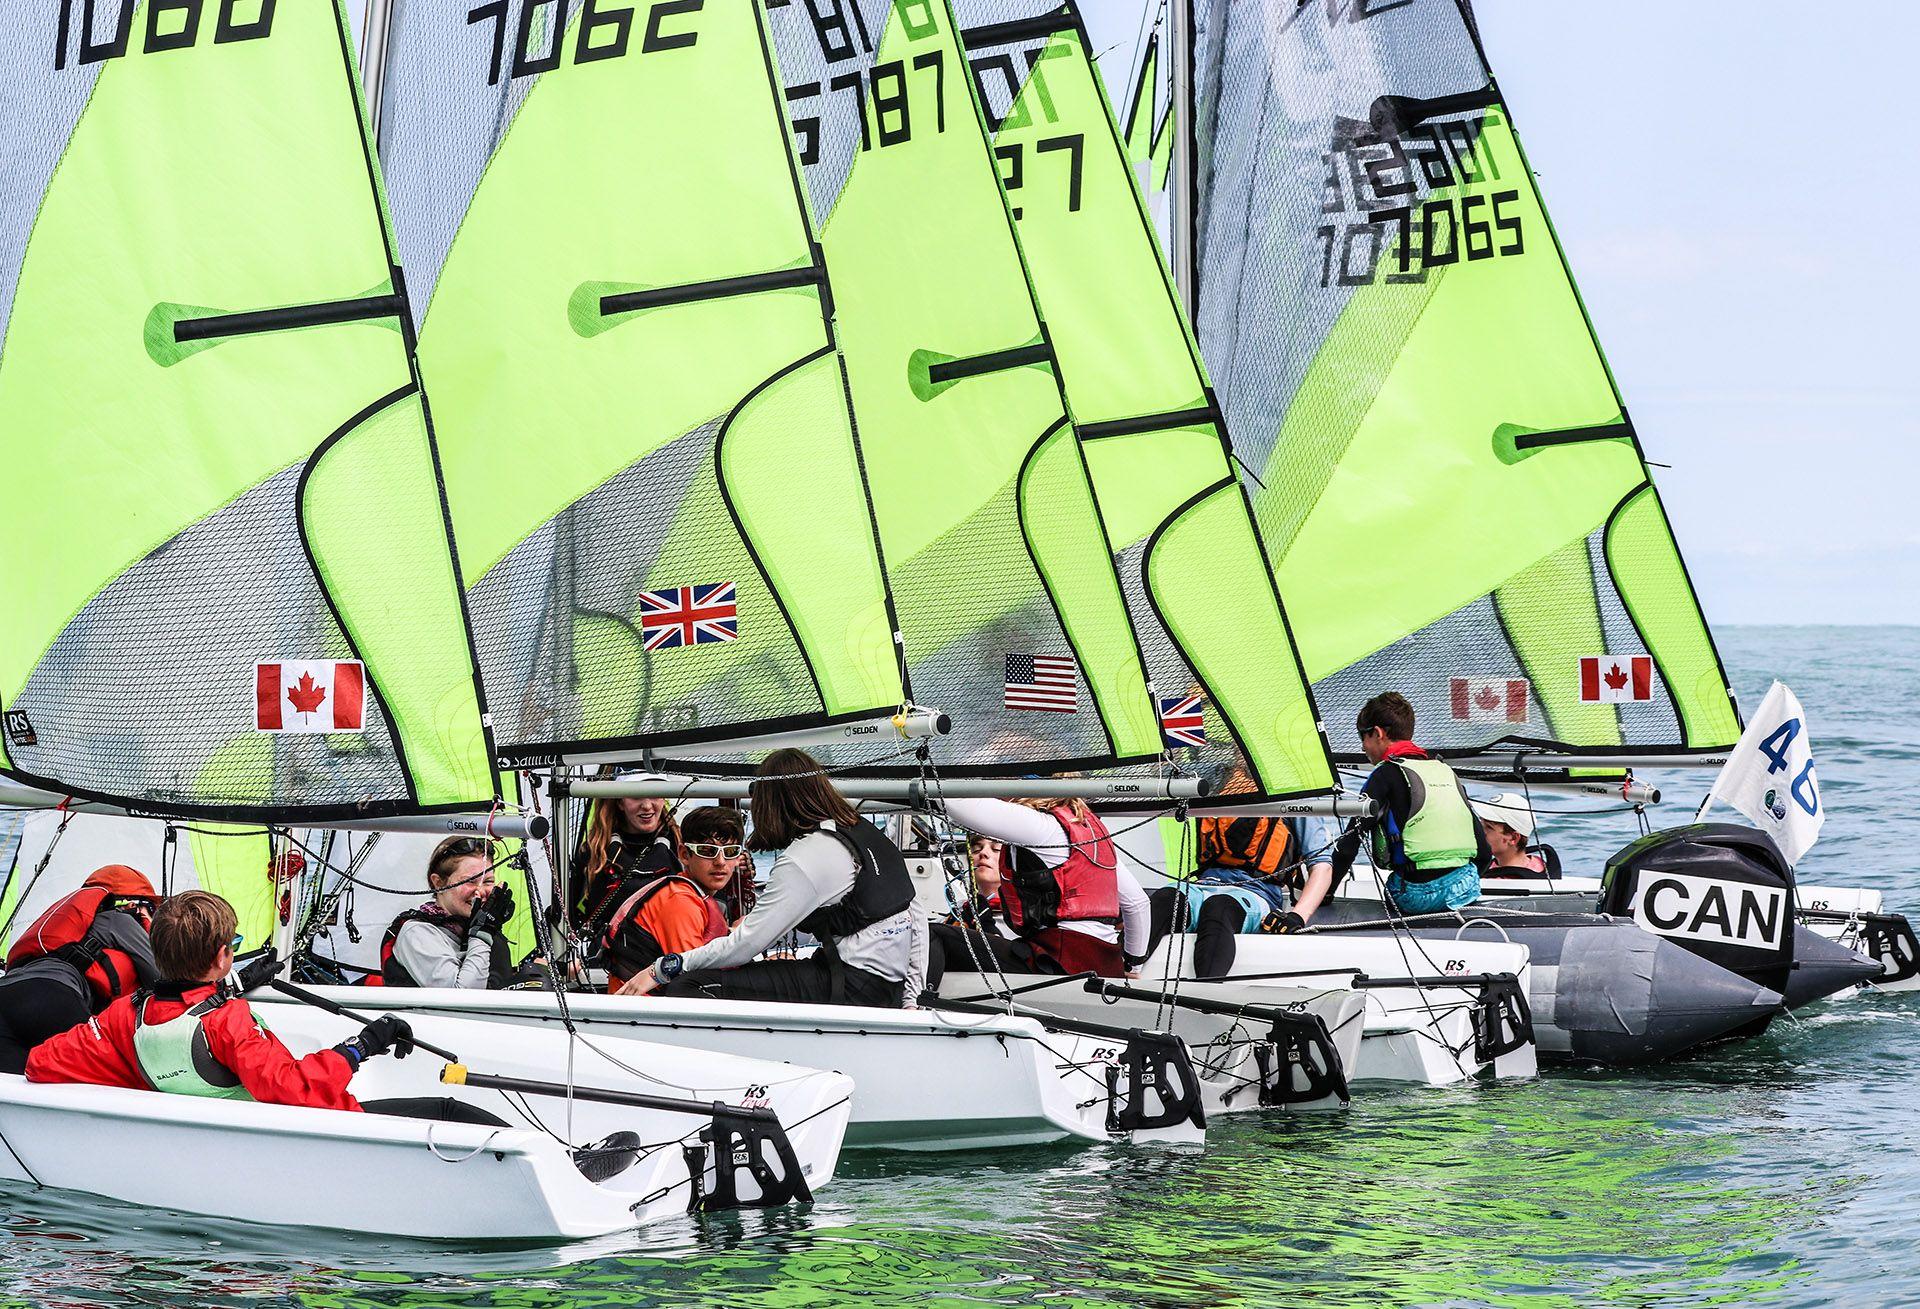 RS sailing boat